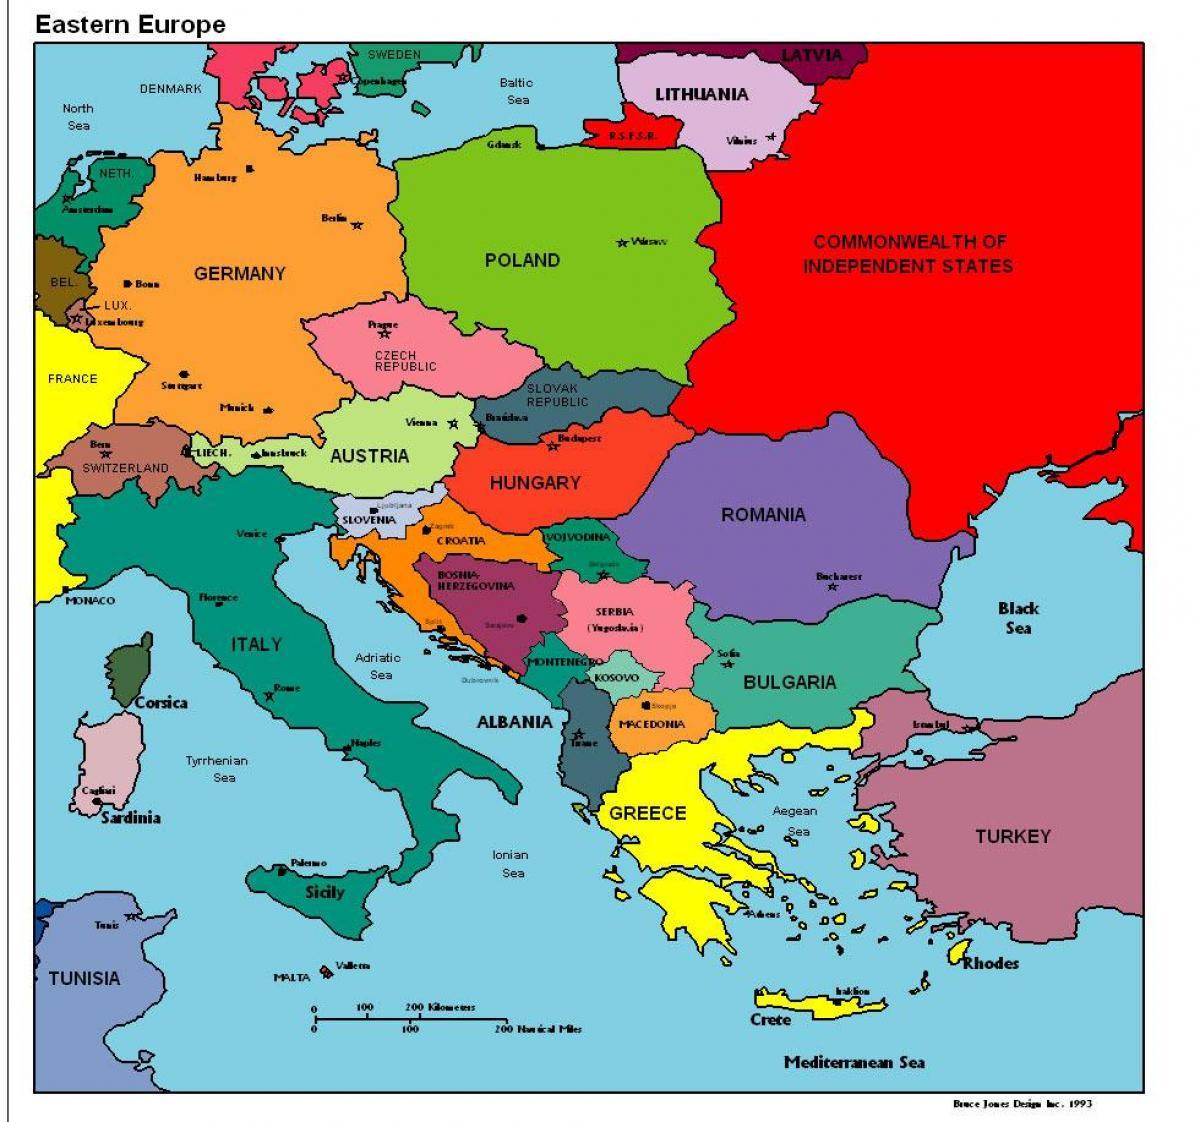 Karte Von Europa.Albanien Landkarte Europa Karte Von Europa Zeigt Albanien